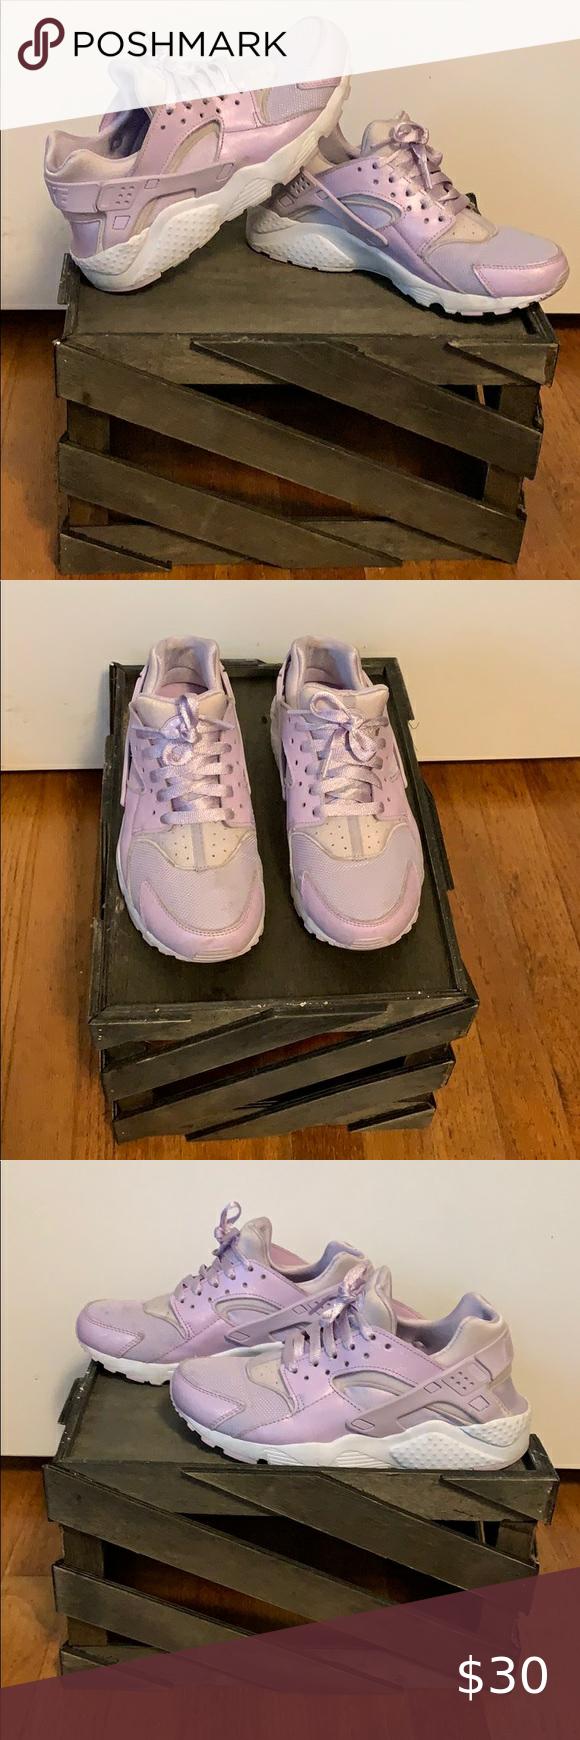 nike huarache | Huaraches, Nike huarache, Womens shoes sneakers